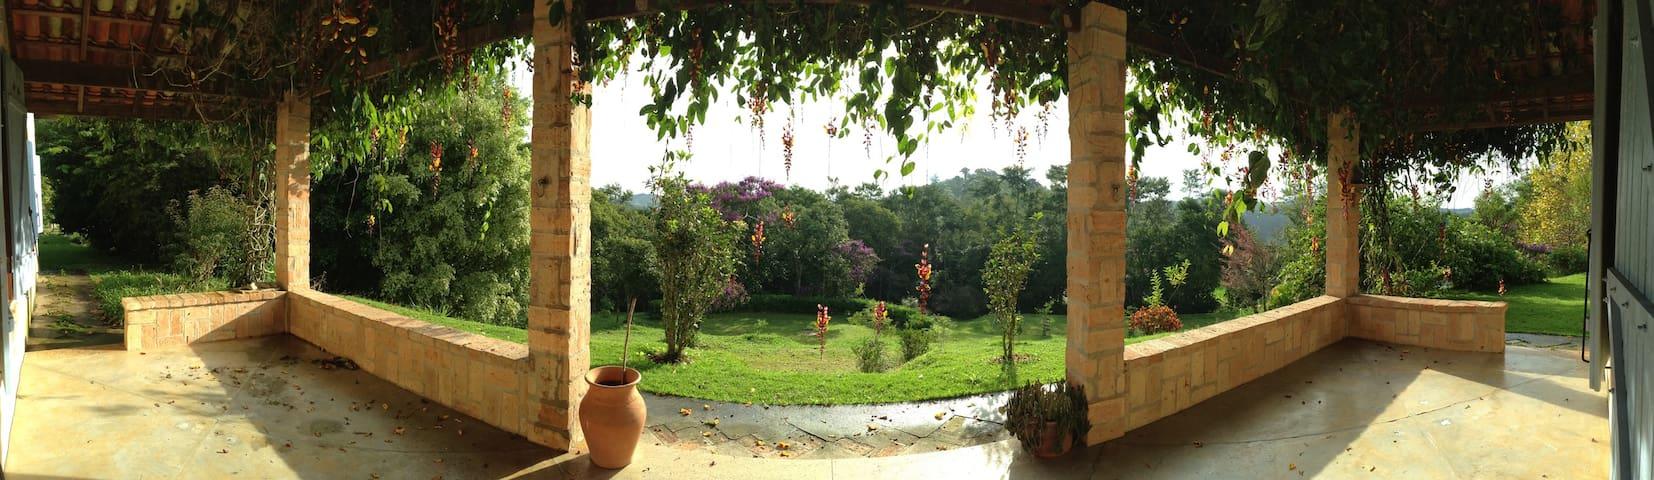 Sitio - Piscina, sauna, paz e relax - Guararema - Cabaña